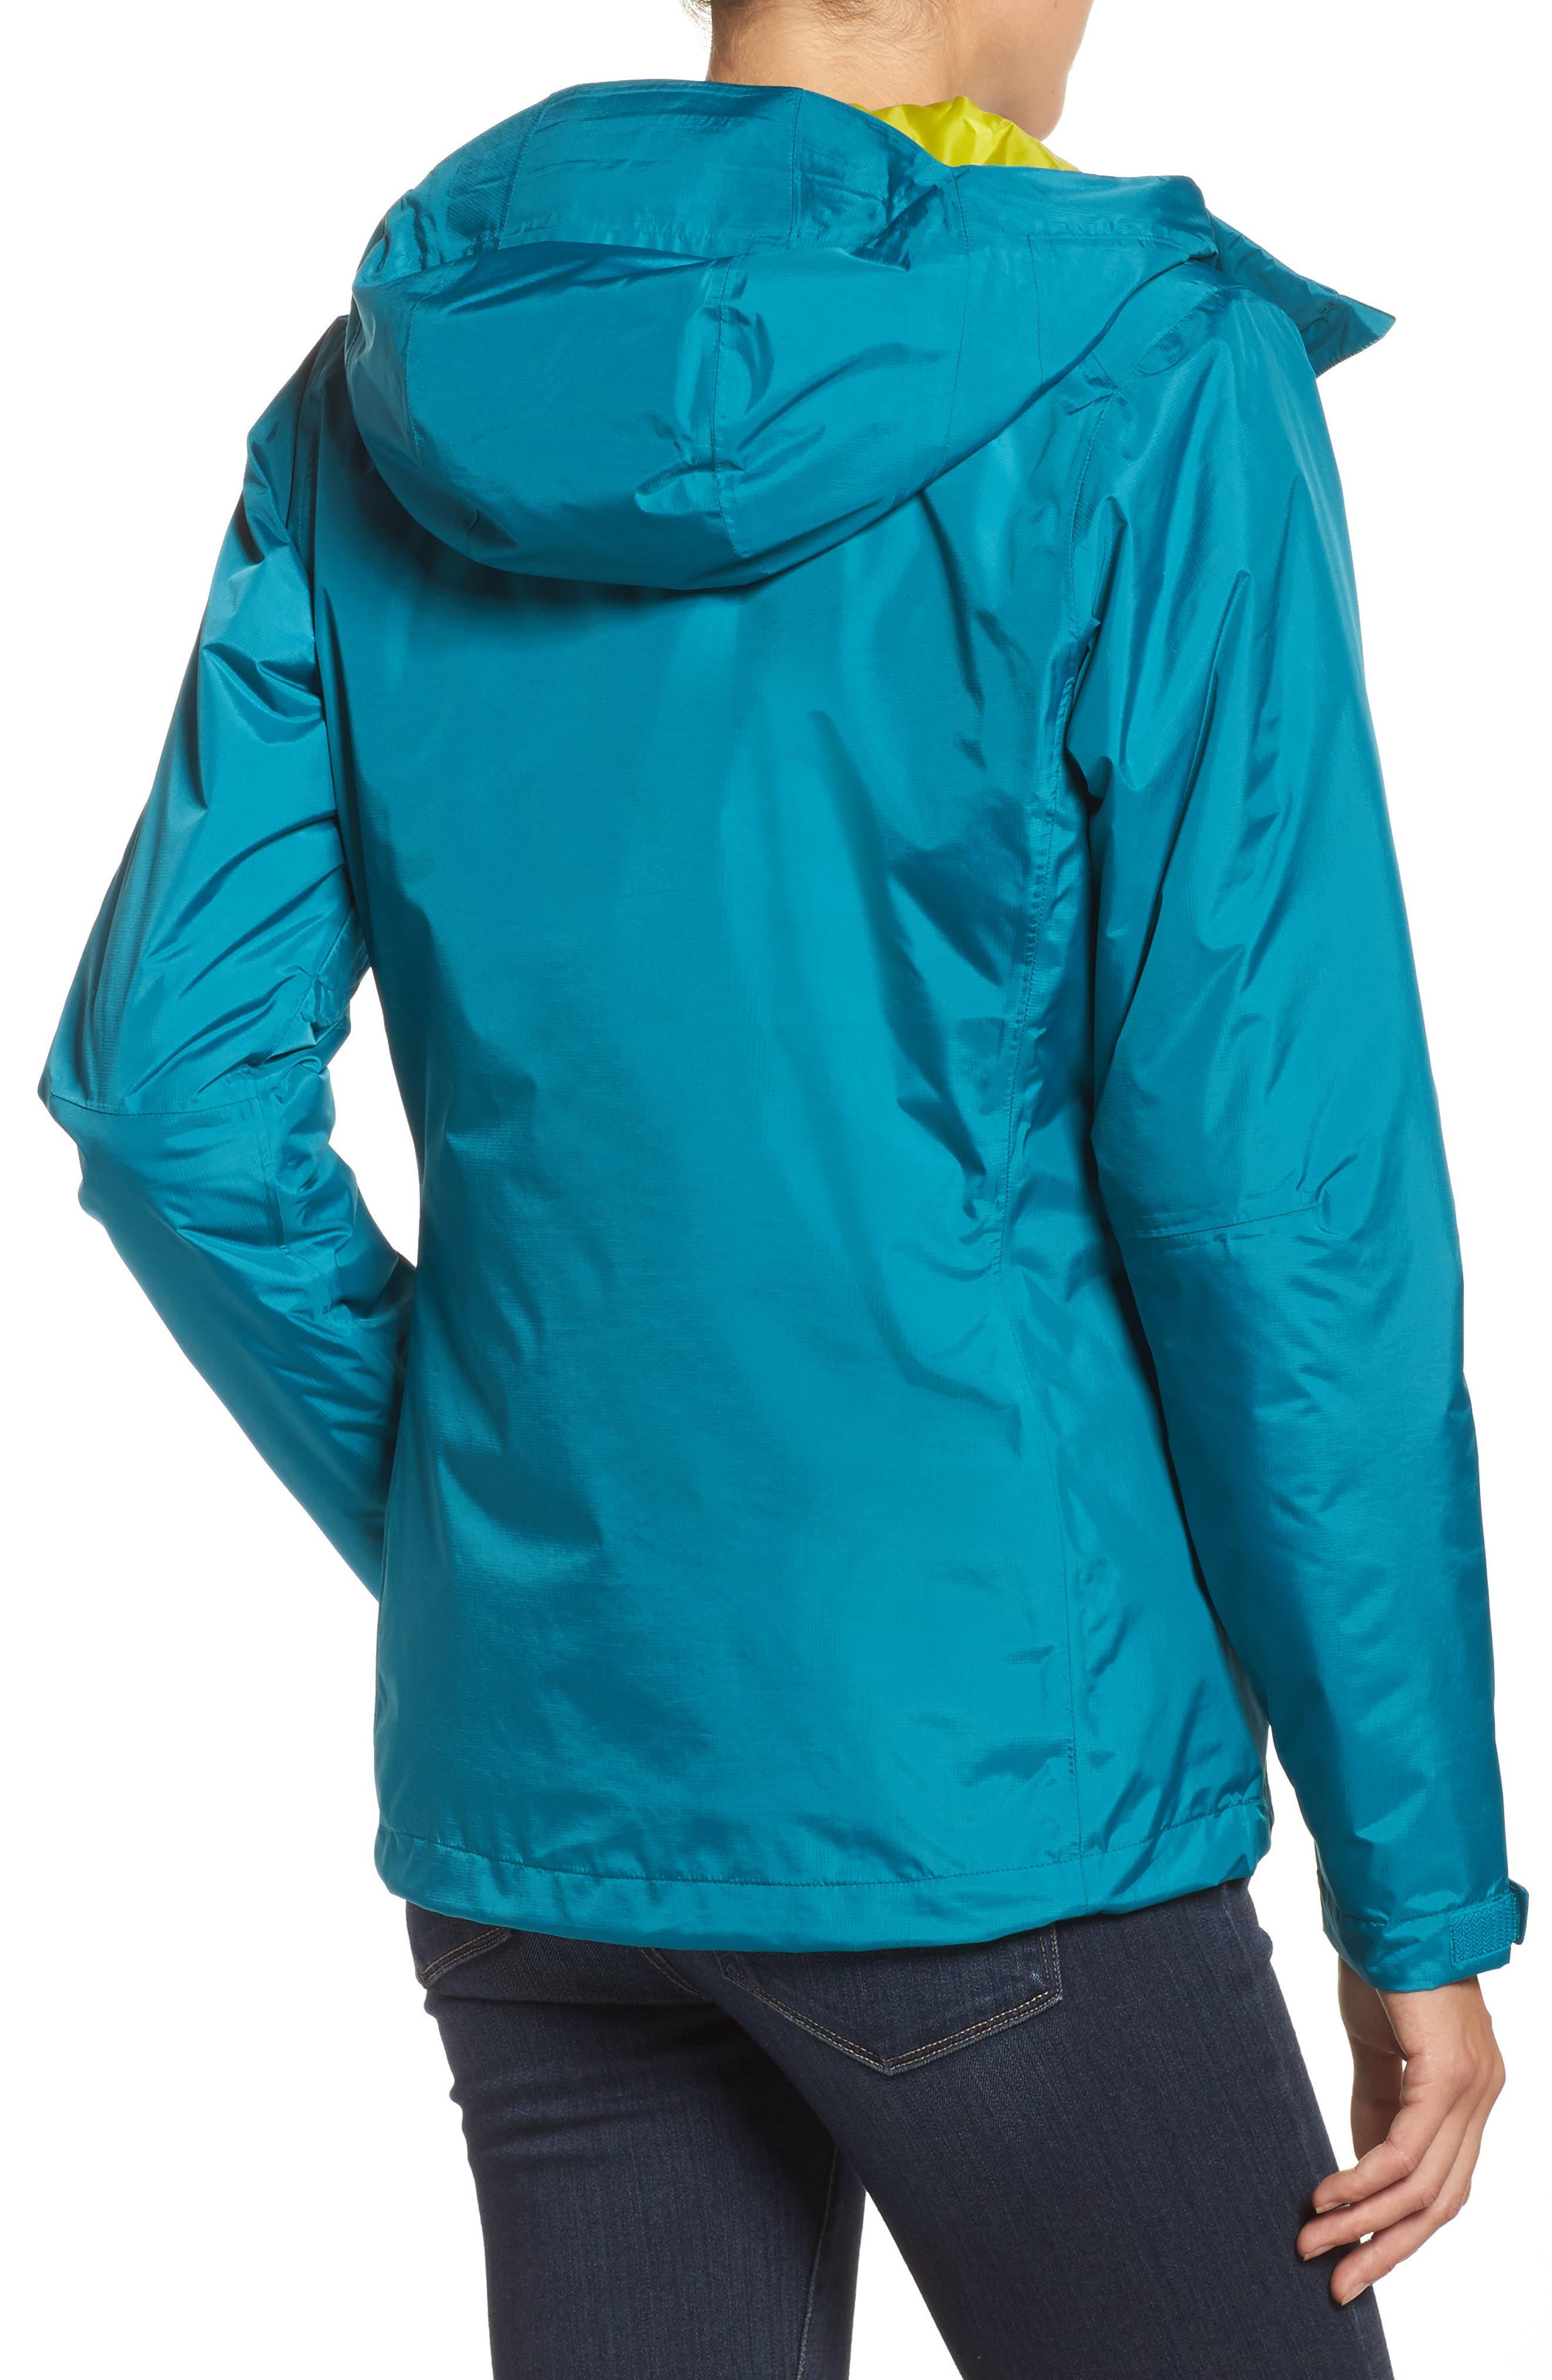 Alternate Image 2  - Patagonia Torrentshell Packable Waterproof Insulated Jacket